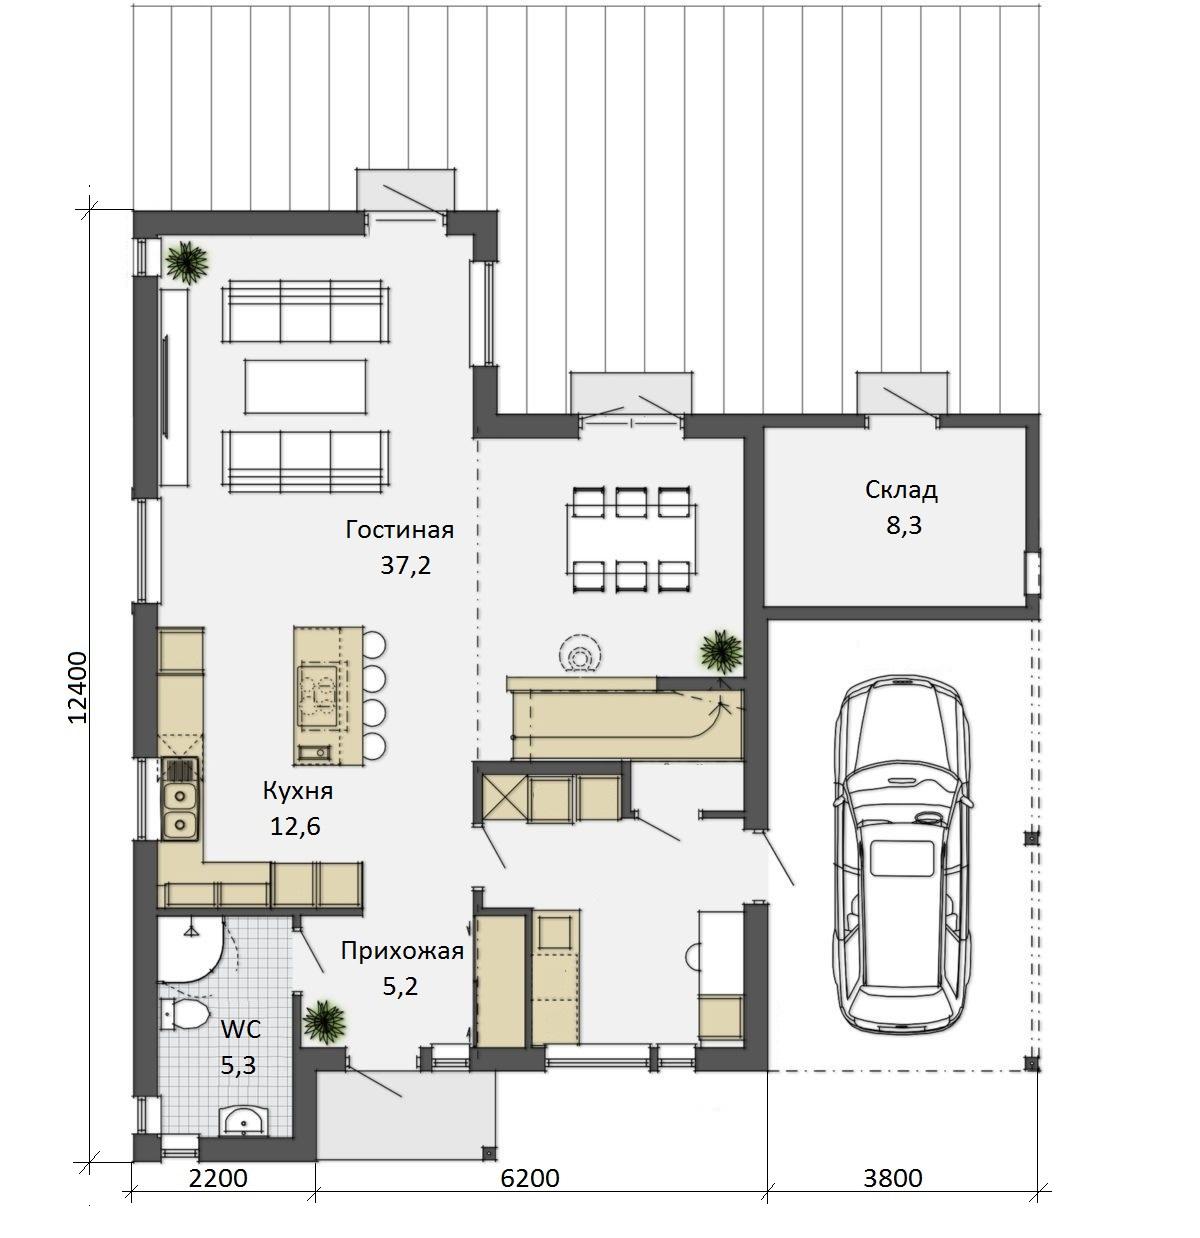 Планировка двухэтажного финского дома Астрид с гаражом